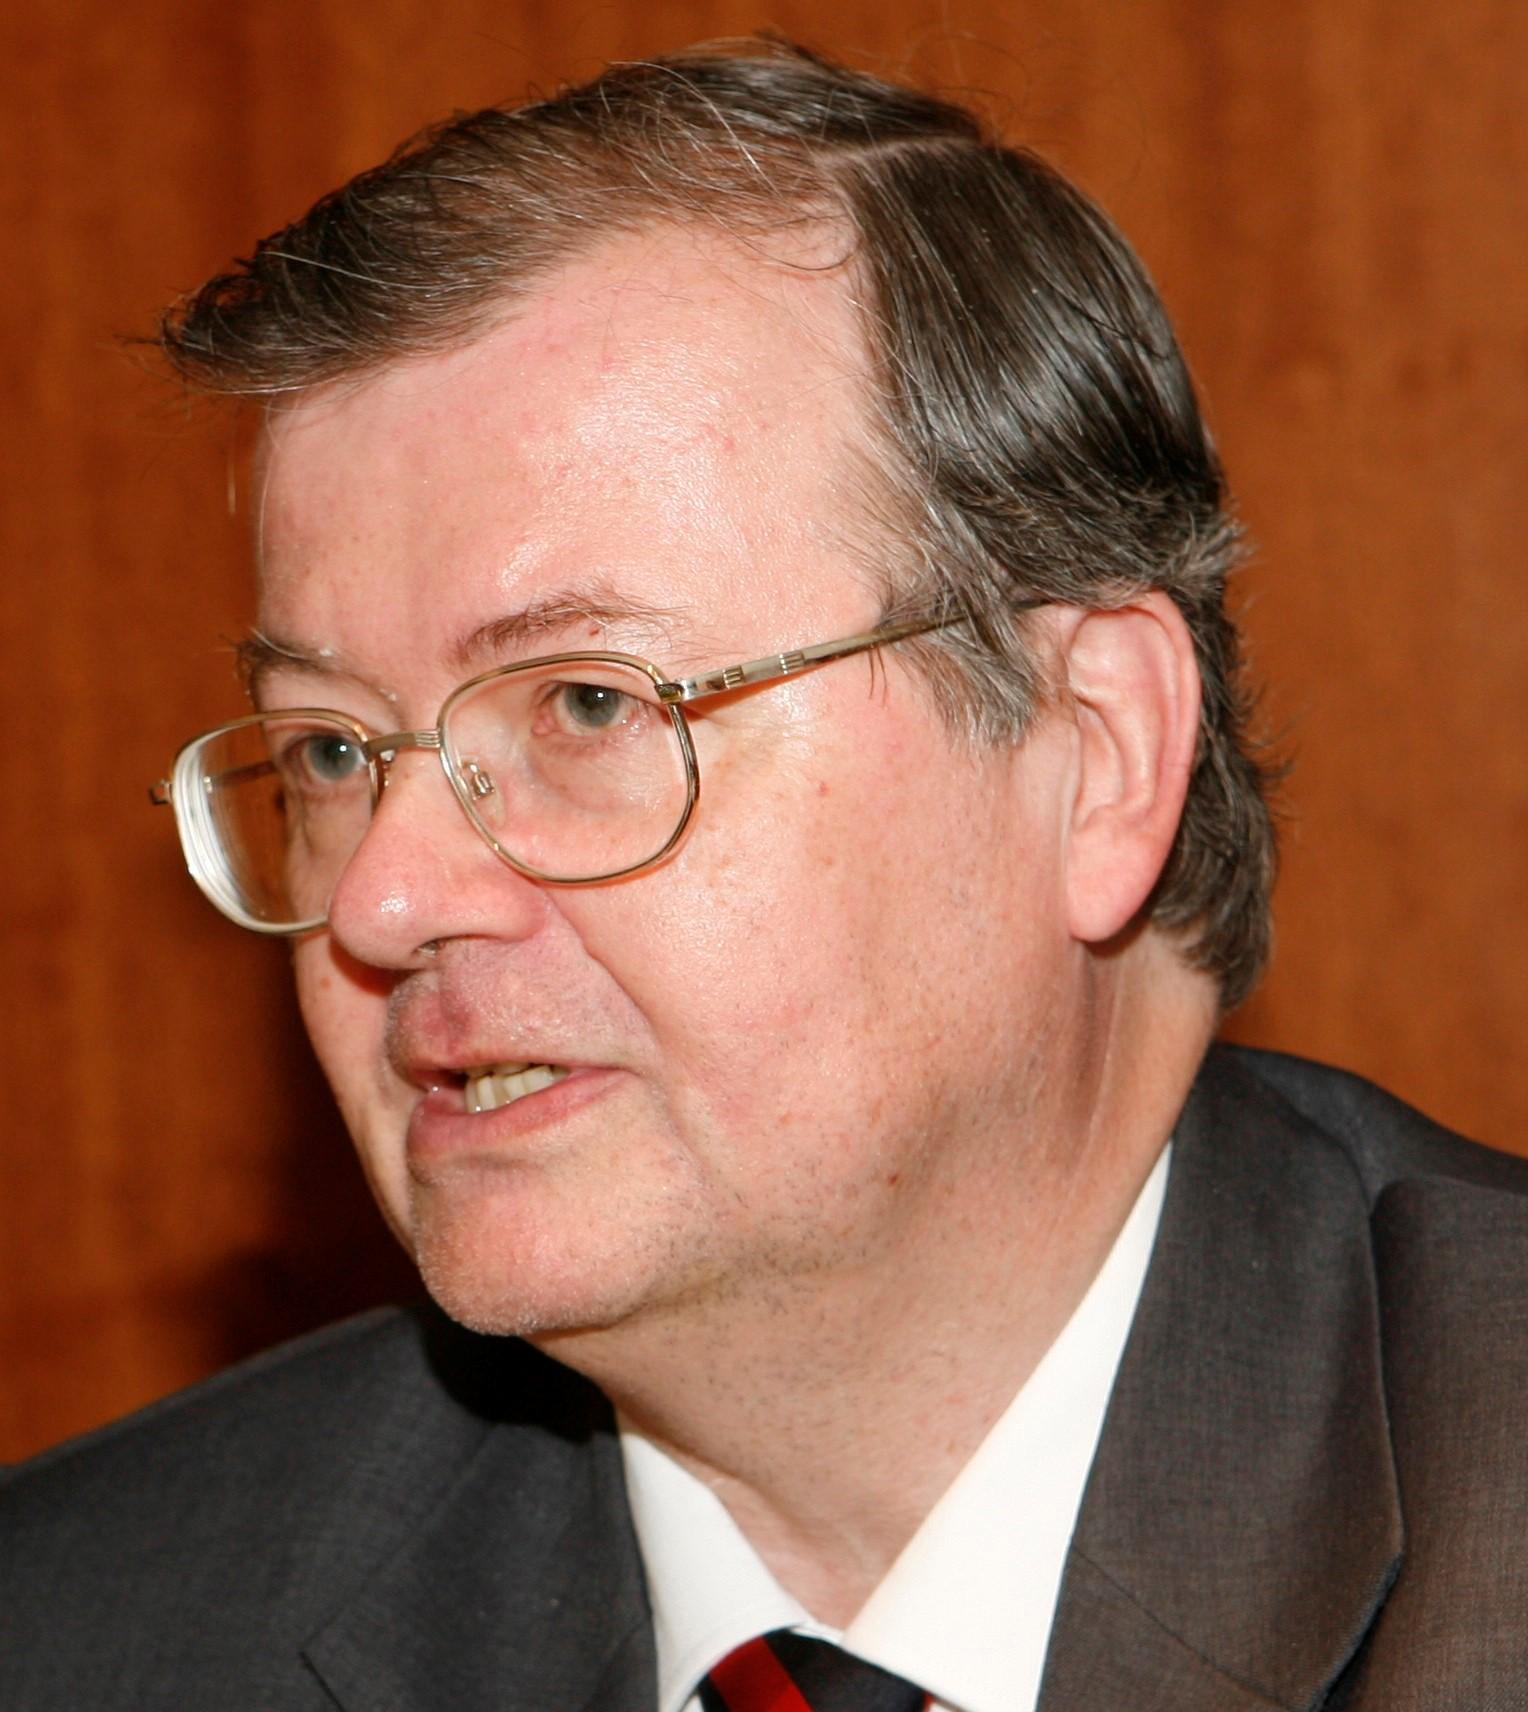 Peter Kraneveld